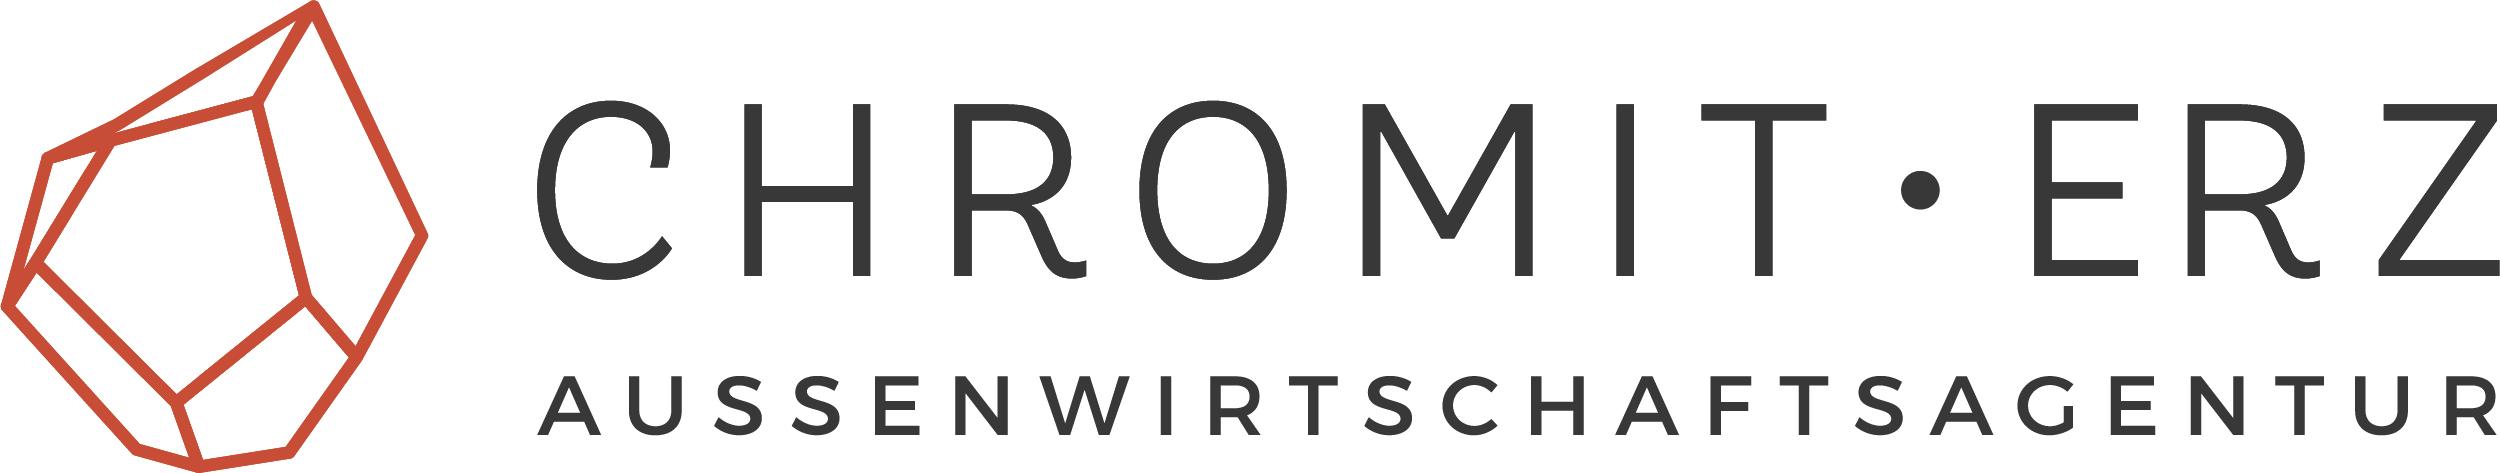 Chromit-Erz Außenwirtschaftsagentur